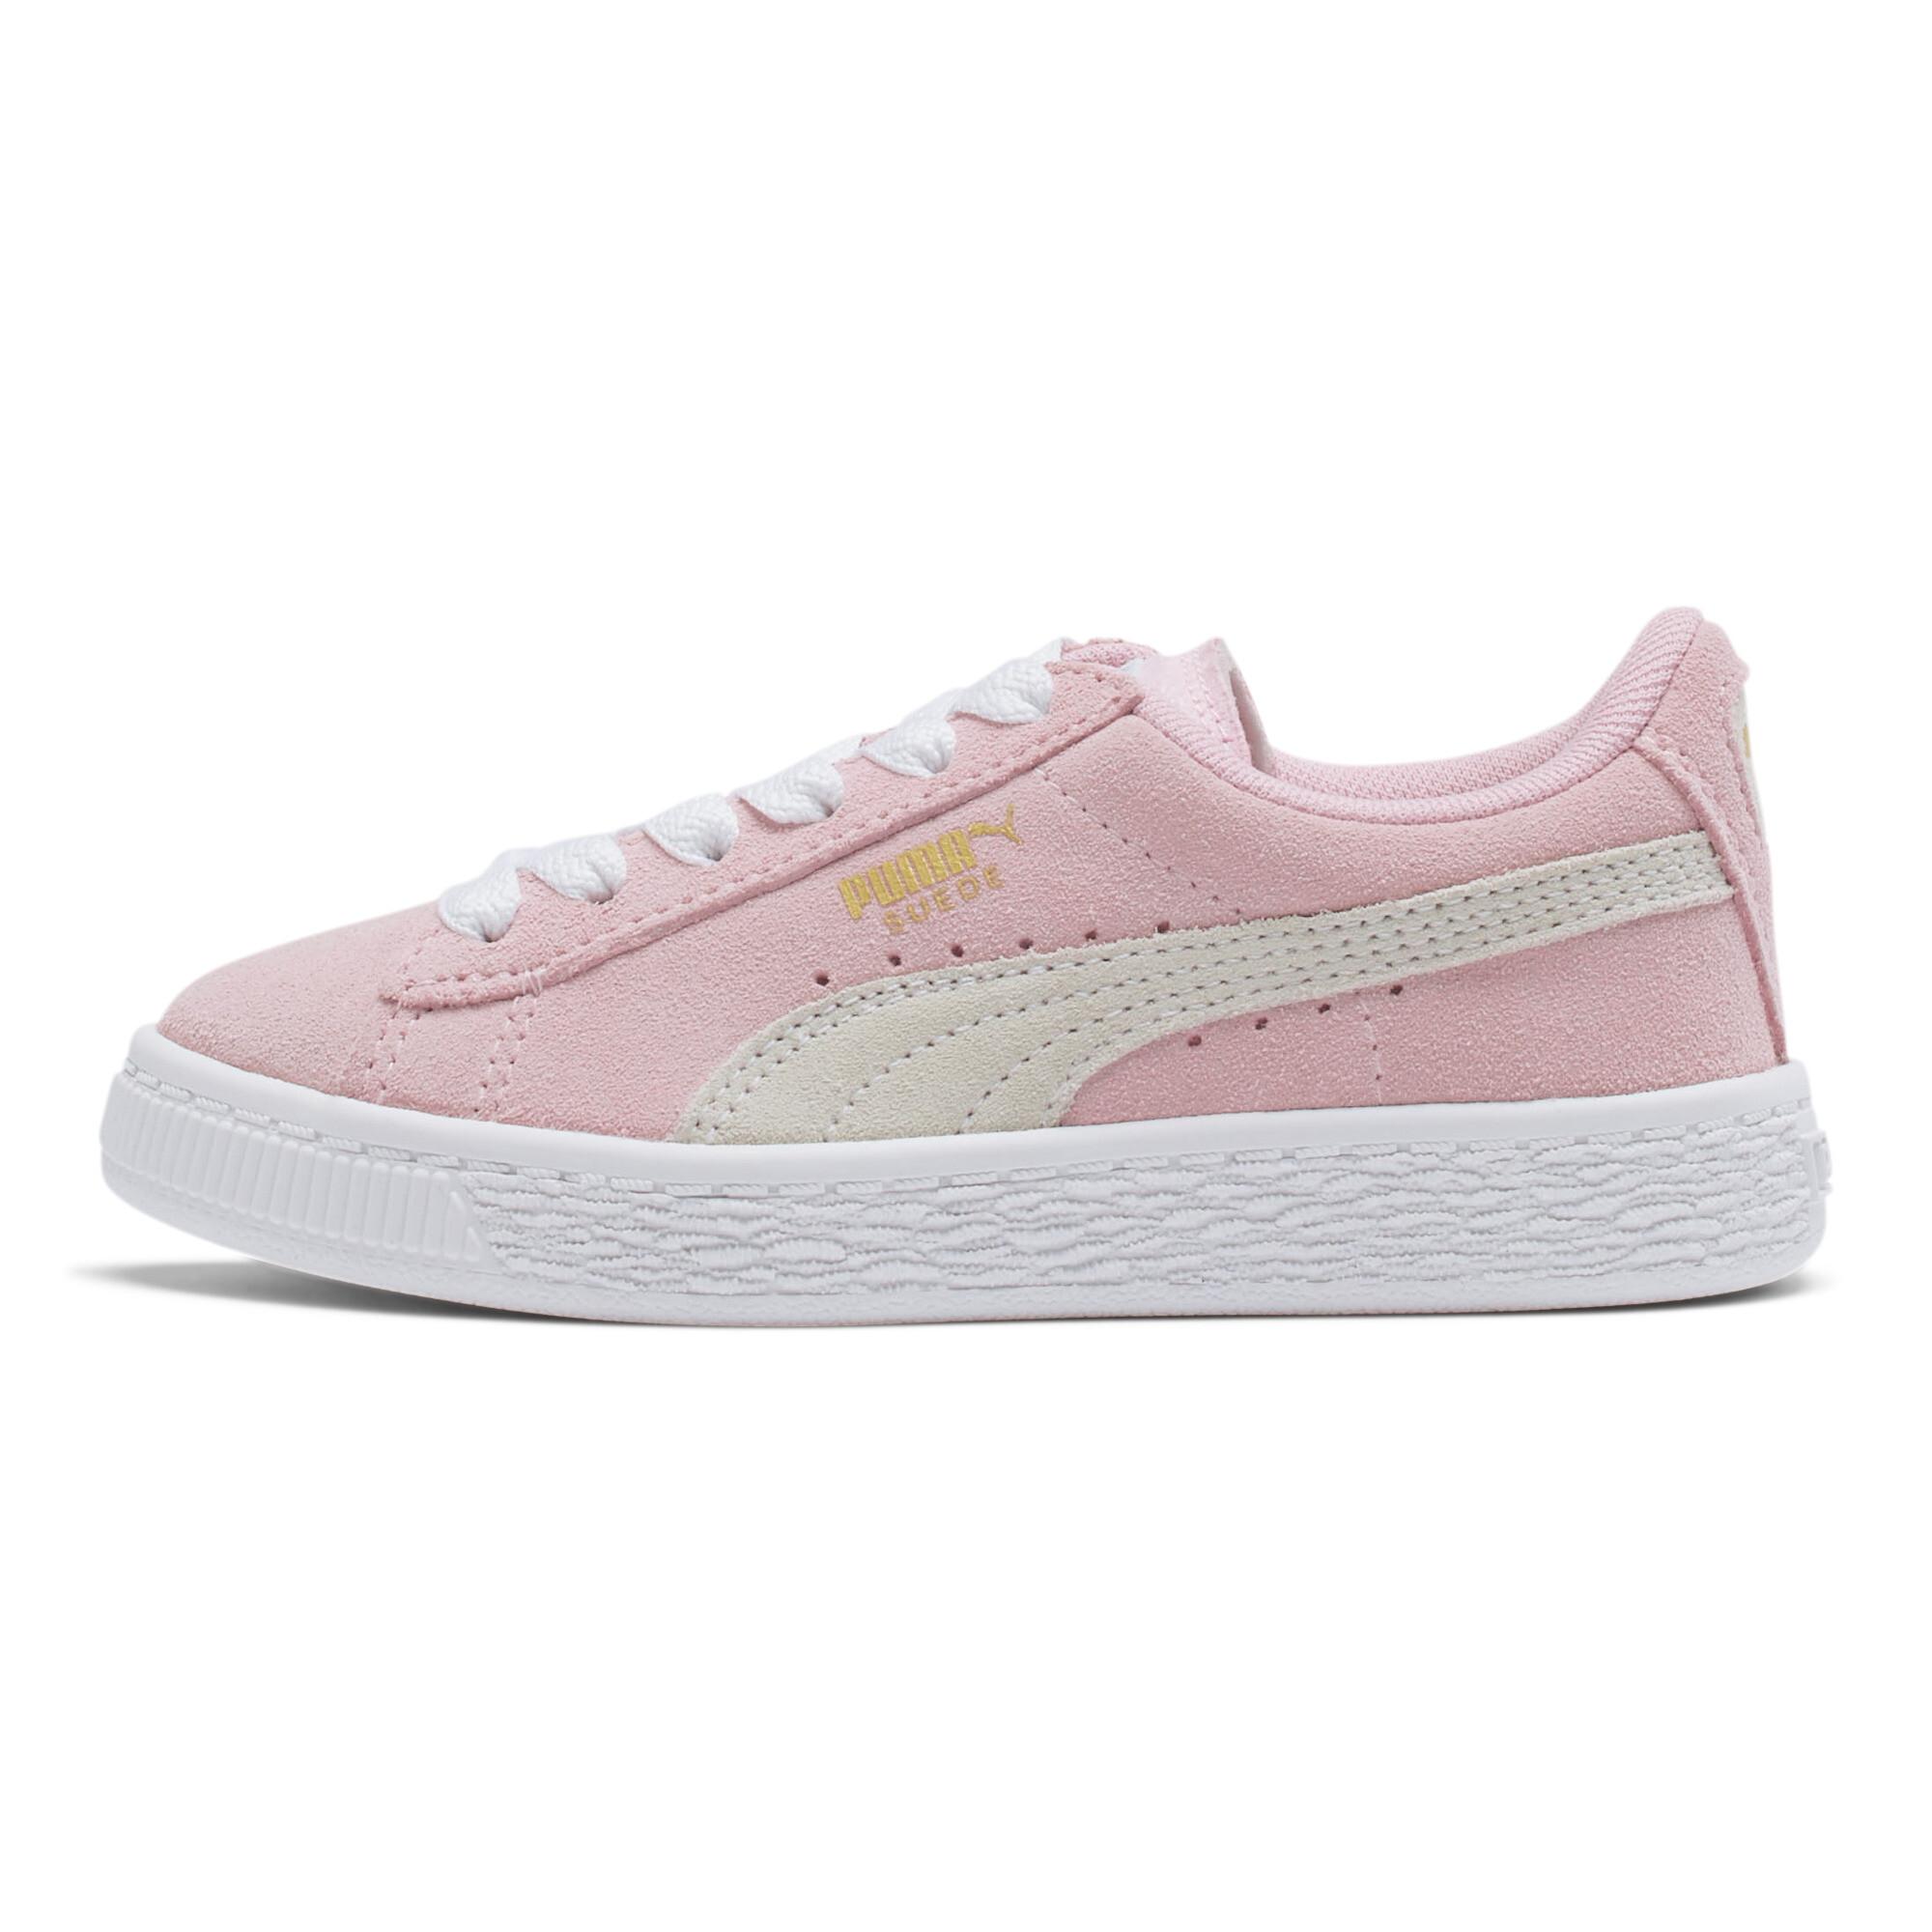 PUMA-Suede-Little-Kids-039-Shoes-Kids-Shoe-Kids thumbnail 4